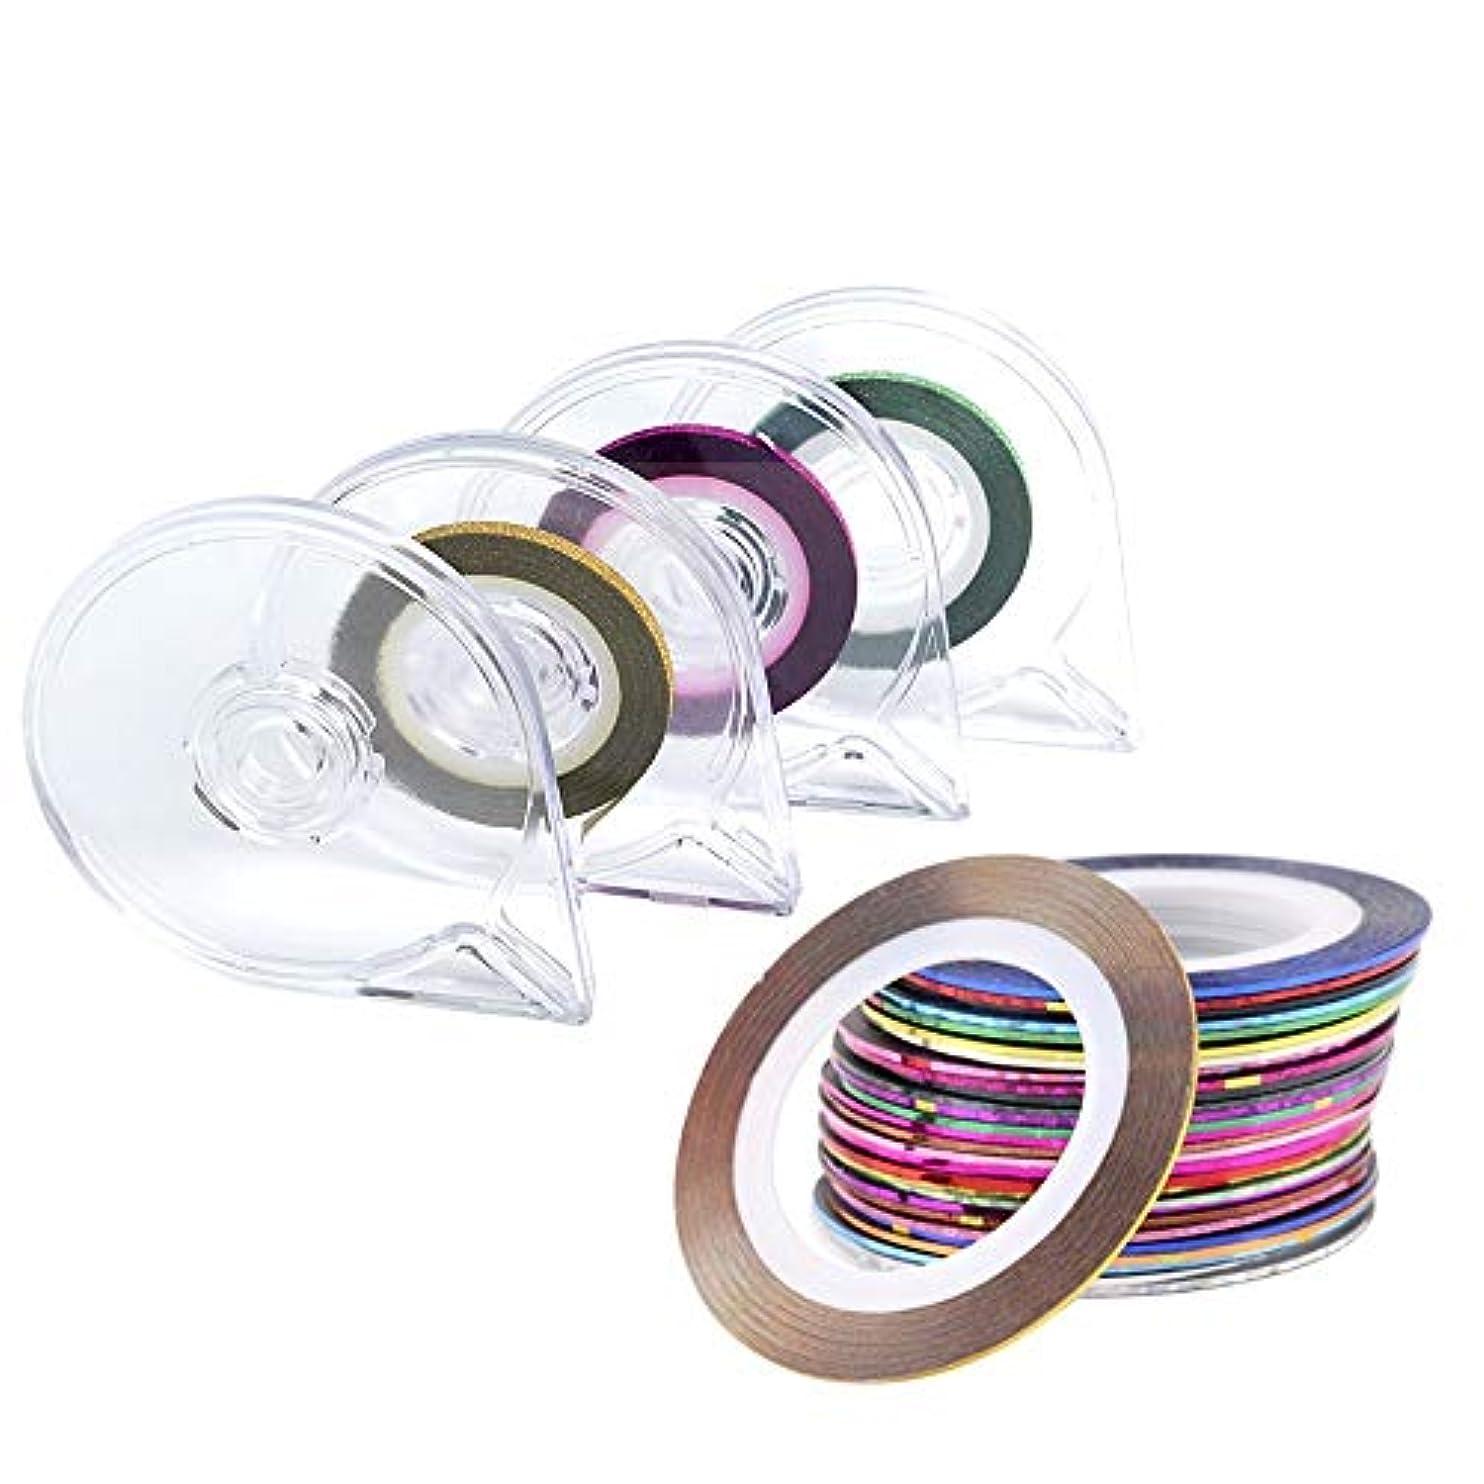 無許可ぼんやりしたインゲンビューティフル 女性 レーザーラインテープネイルアート用 ラインテープ シート ジェルネイル用 マニキュア セット ジェルネイル アート用ラインテープ 専用ケース付き 30ピース (Color : Mixed Colour)